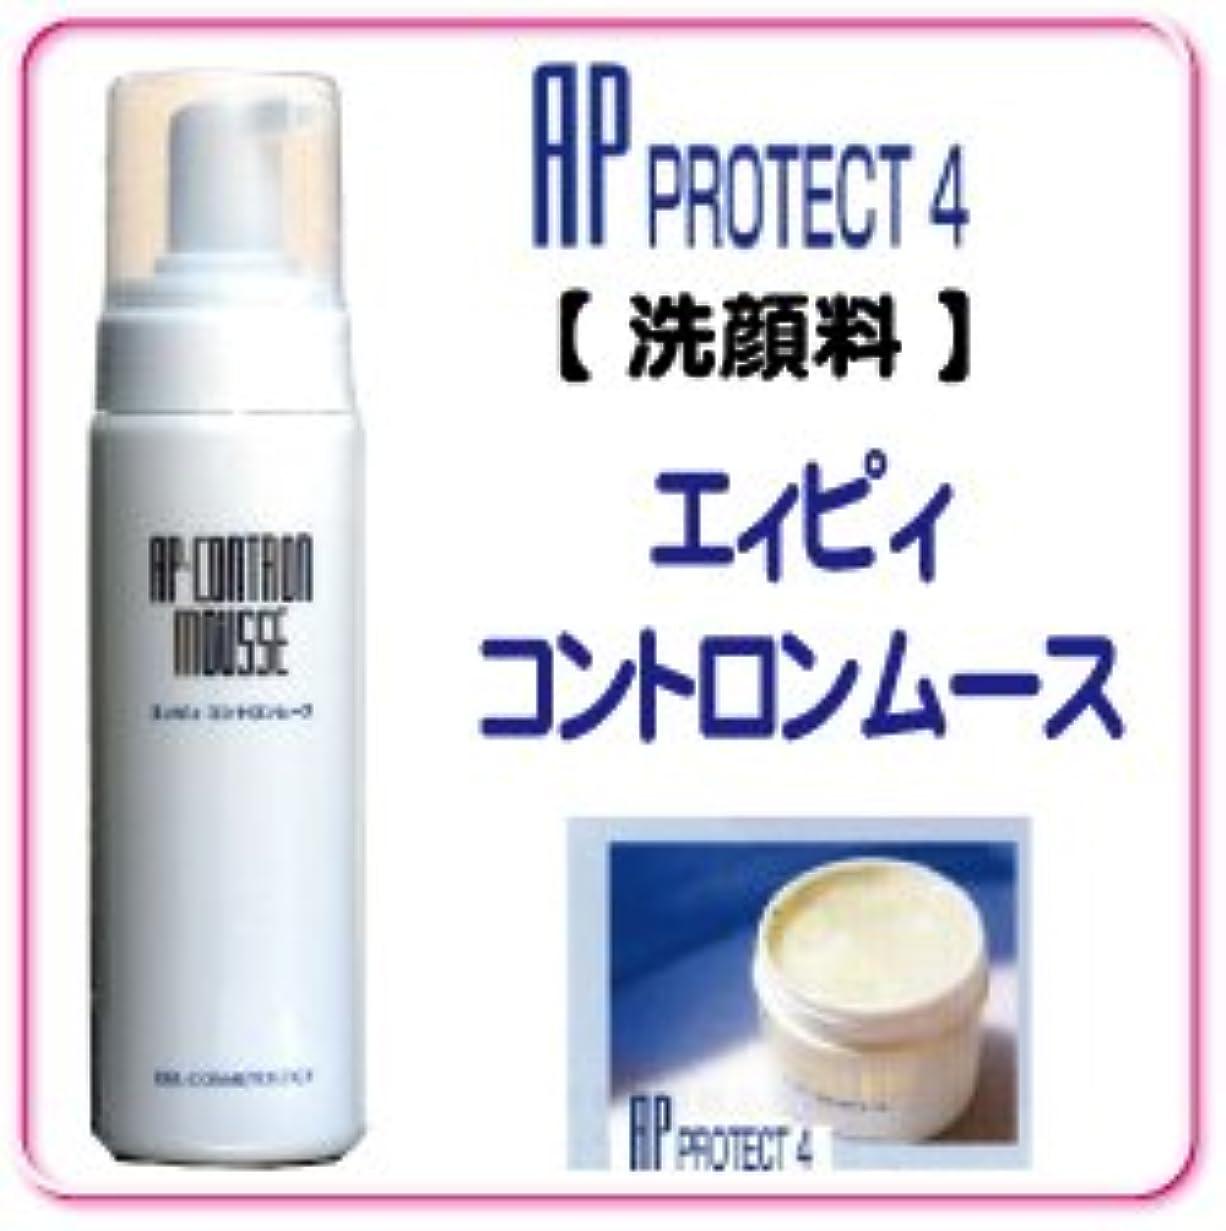 オーブンサーバ統計ベルマン化粧品 APprotectシリーズ  コントロンムース  洗顔フォーム 200ml